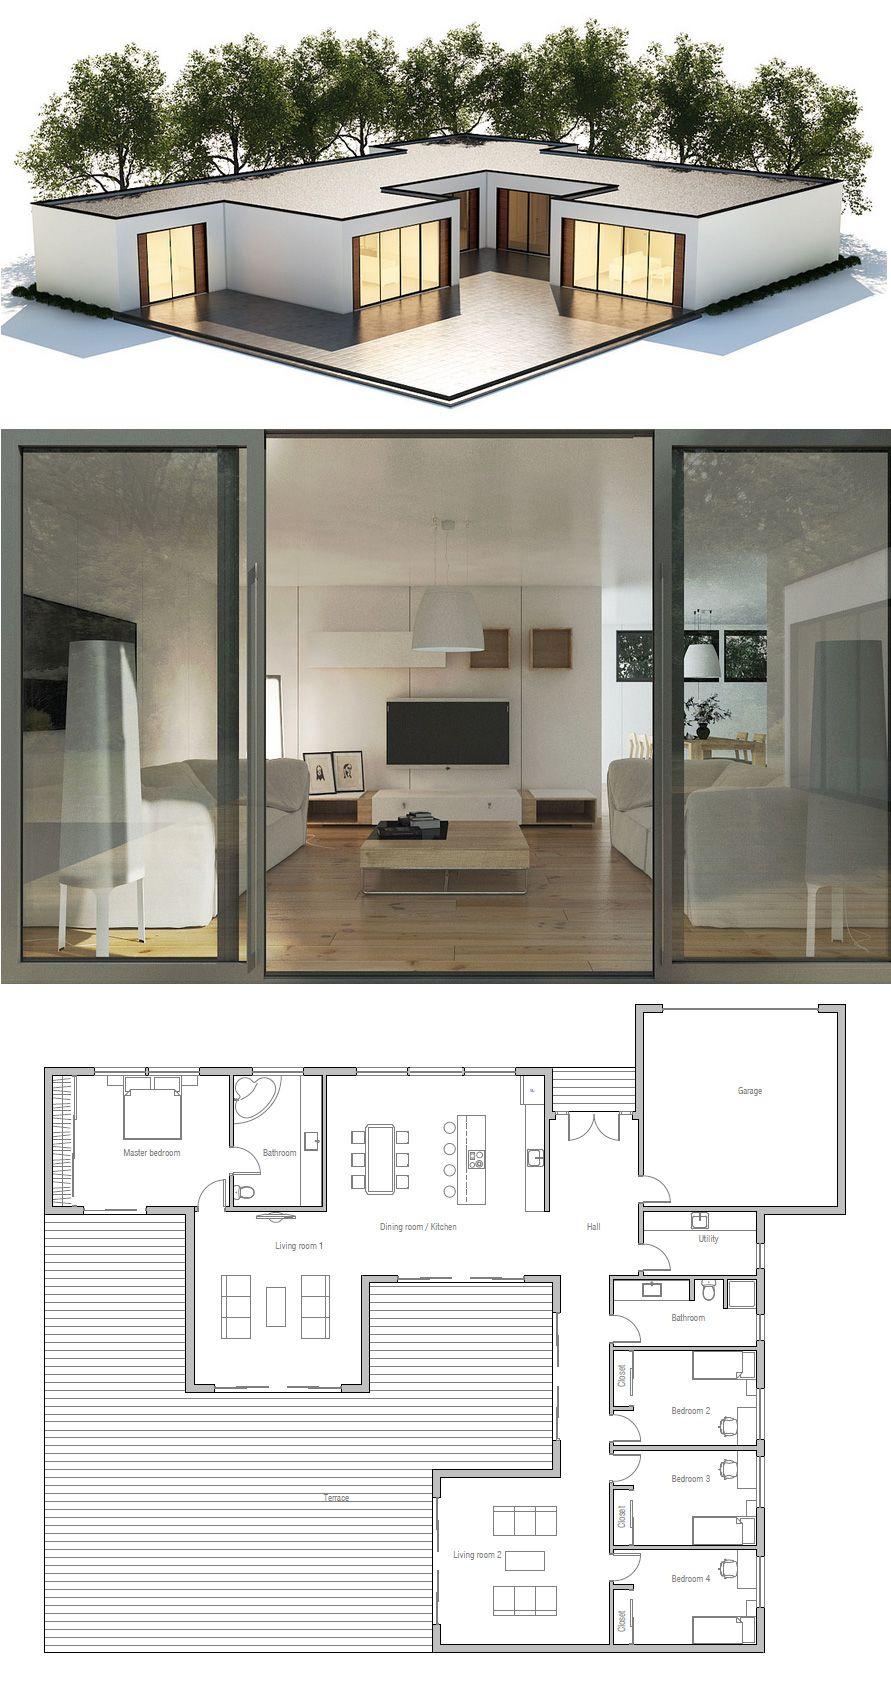 hausplan haus pinterest grundrisse architektur und. Black Bedroom Furniture Sets. Home Design Ideas